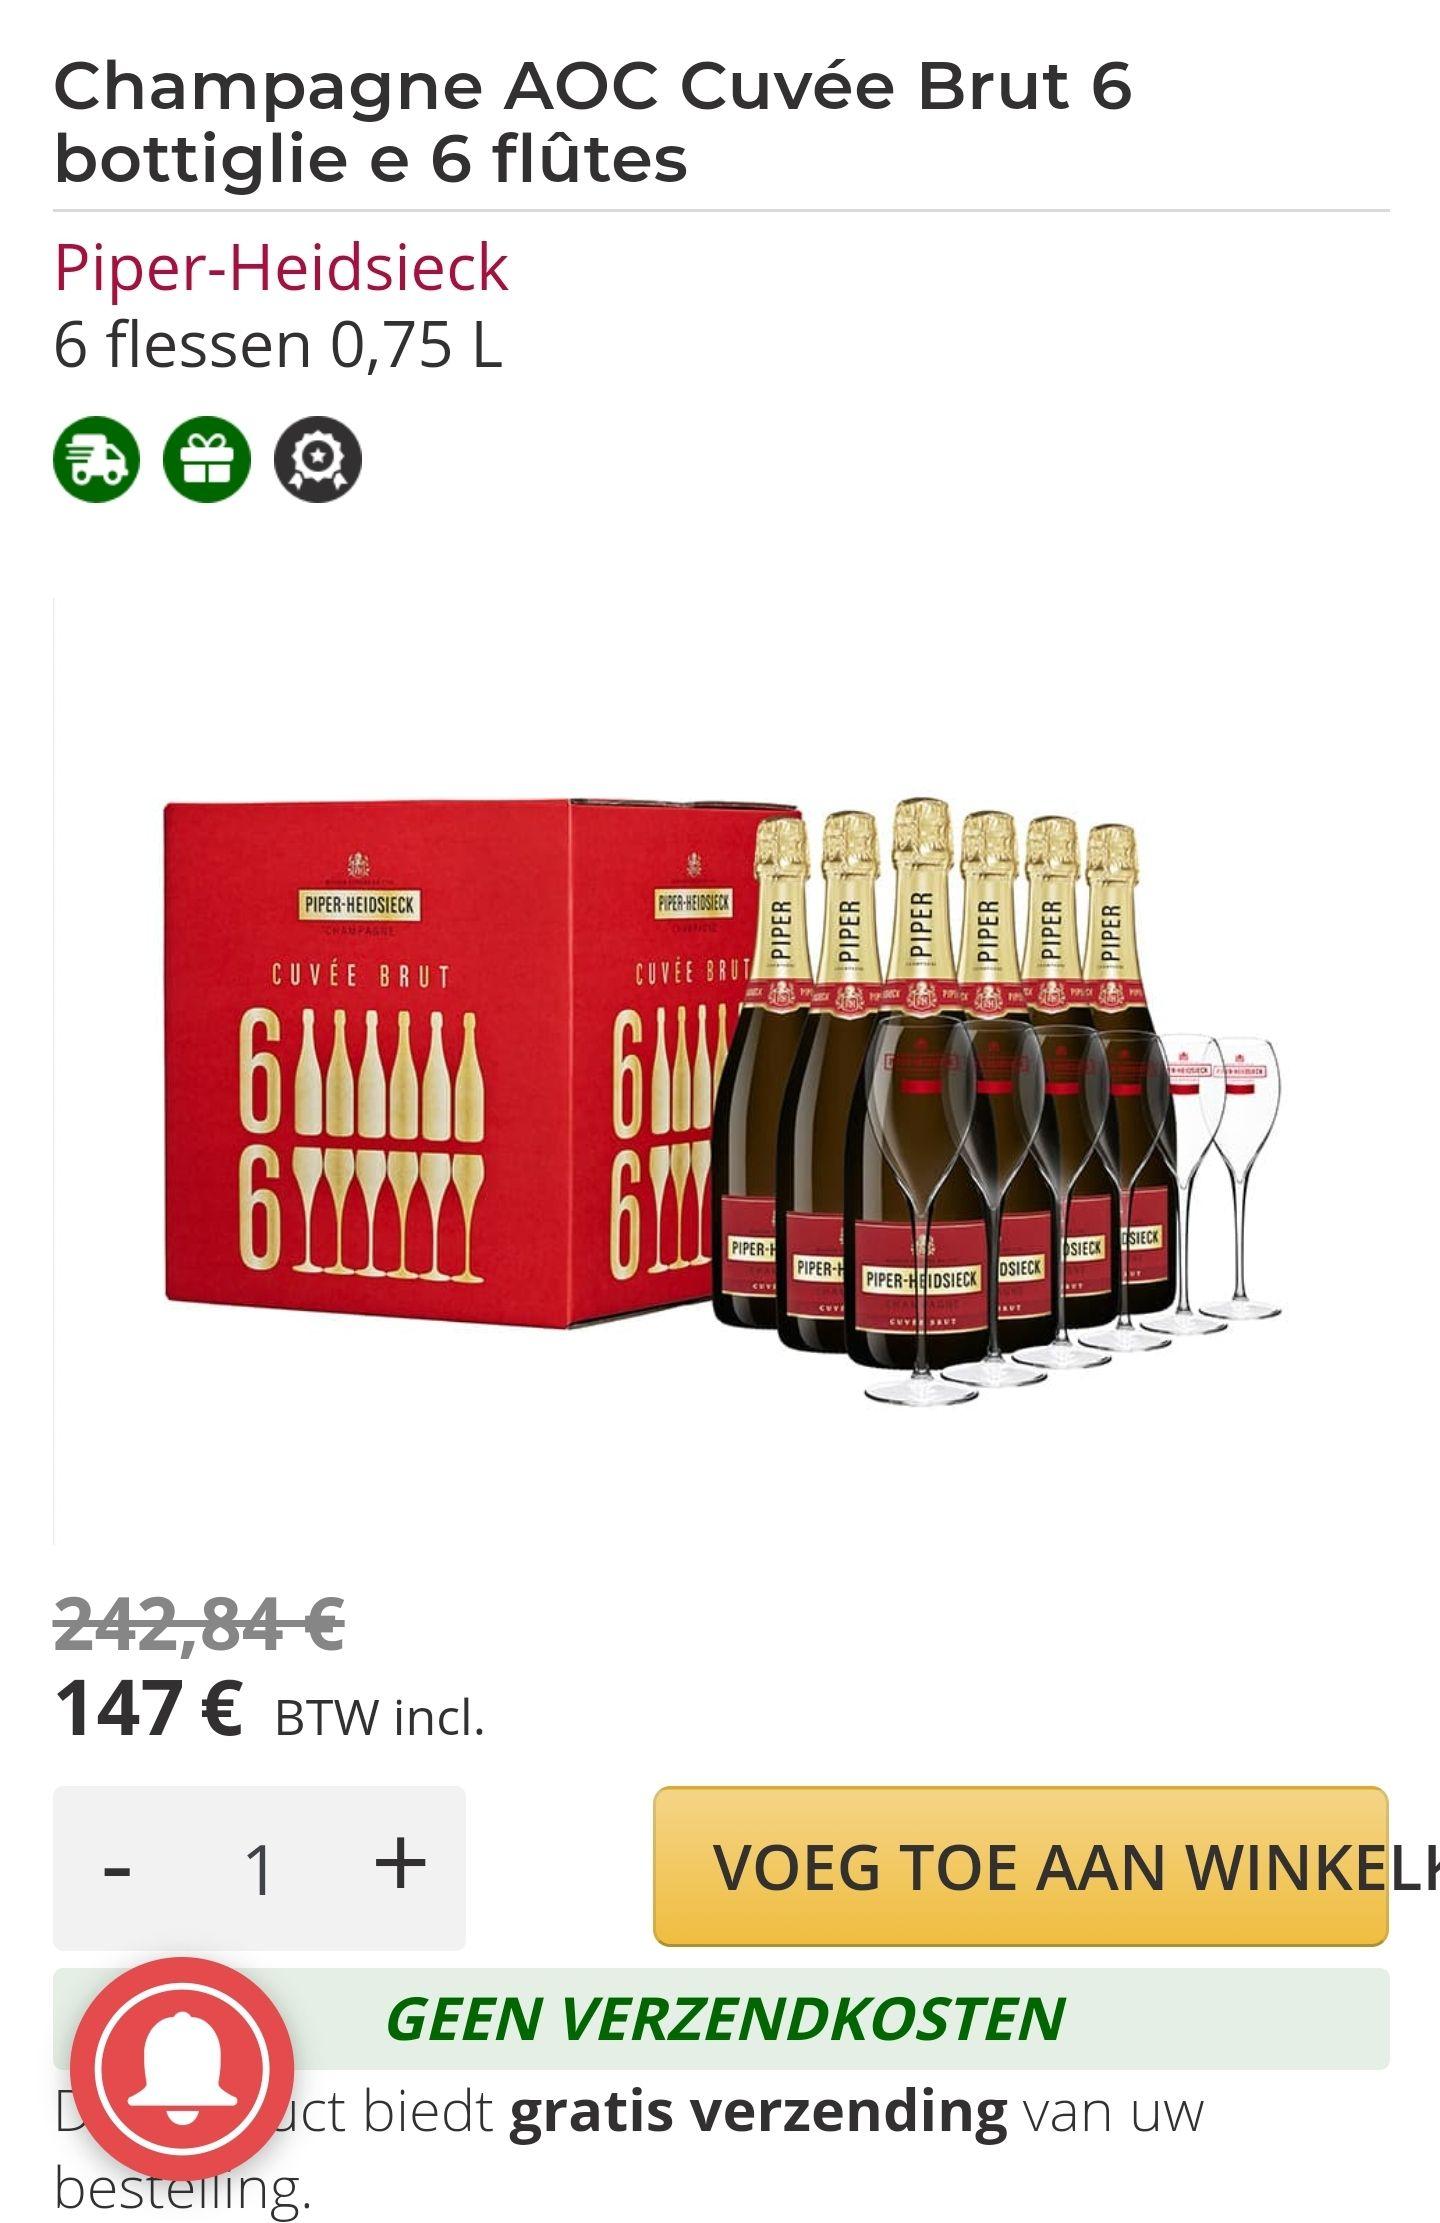 6 flessen Champagne AOC Cuvée Brut en 6 Piper-Heidsieck gezeefdrukte fluiten